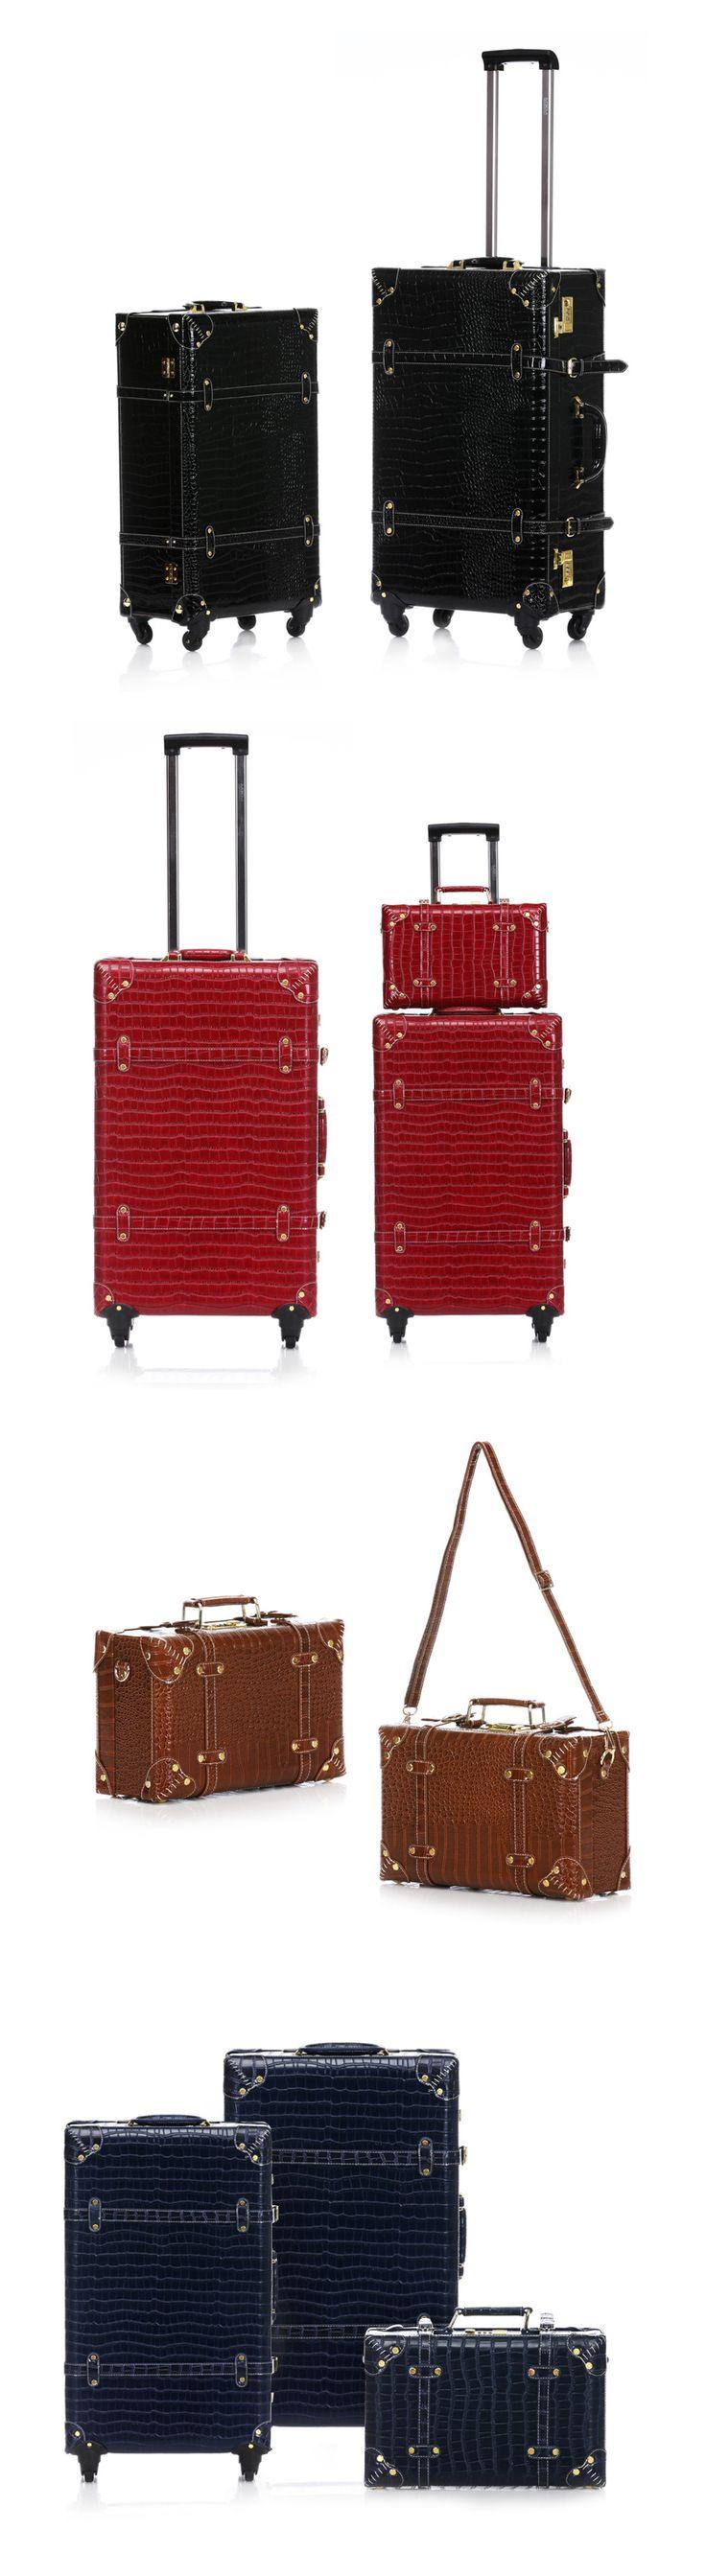 [바보사랑] 빈티지 캐리어로 나만의 감성 여행! #엠엑스엠 #바보사랑 #mxm #trip #carrier #bag #weekender #vintage #babosarang